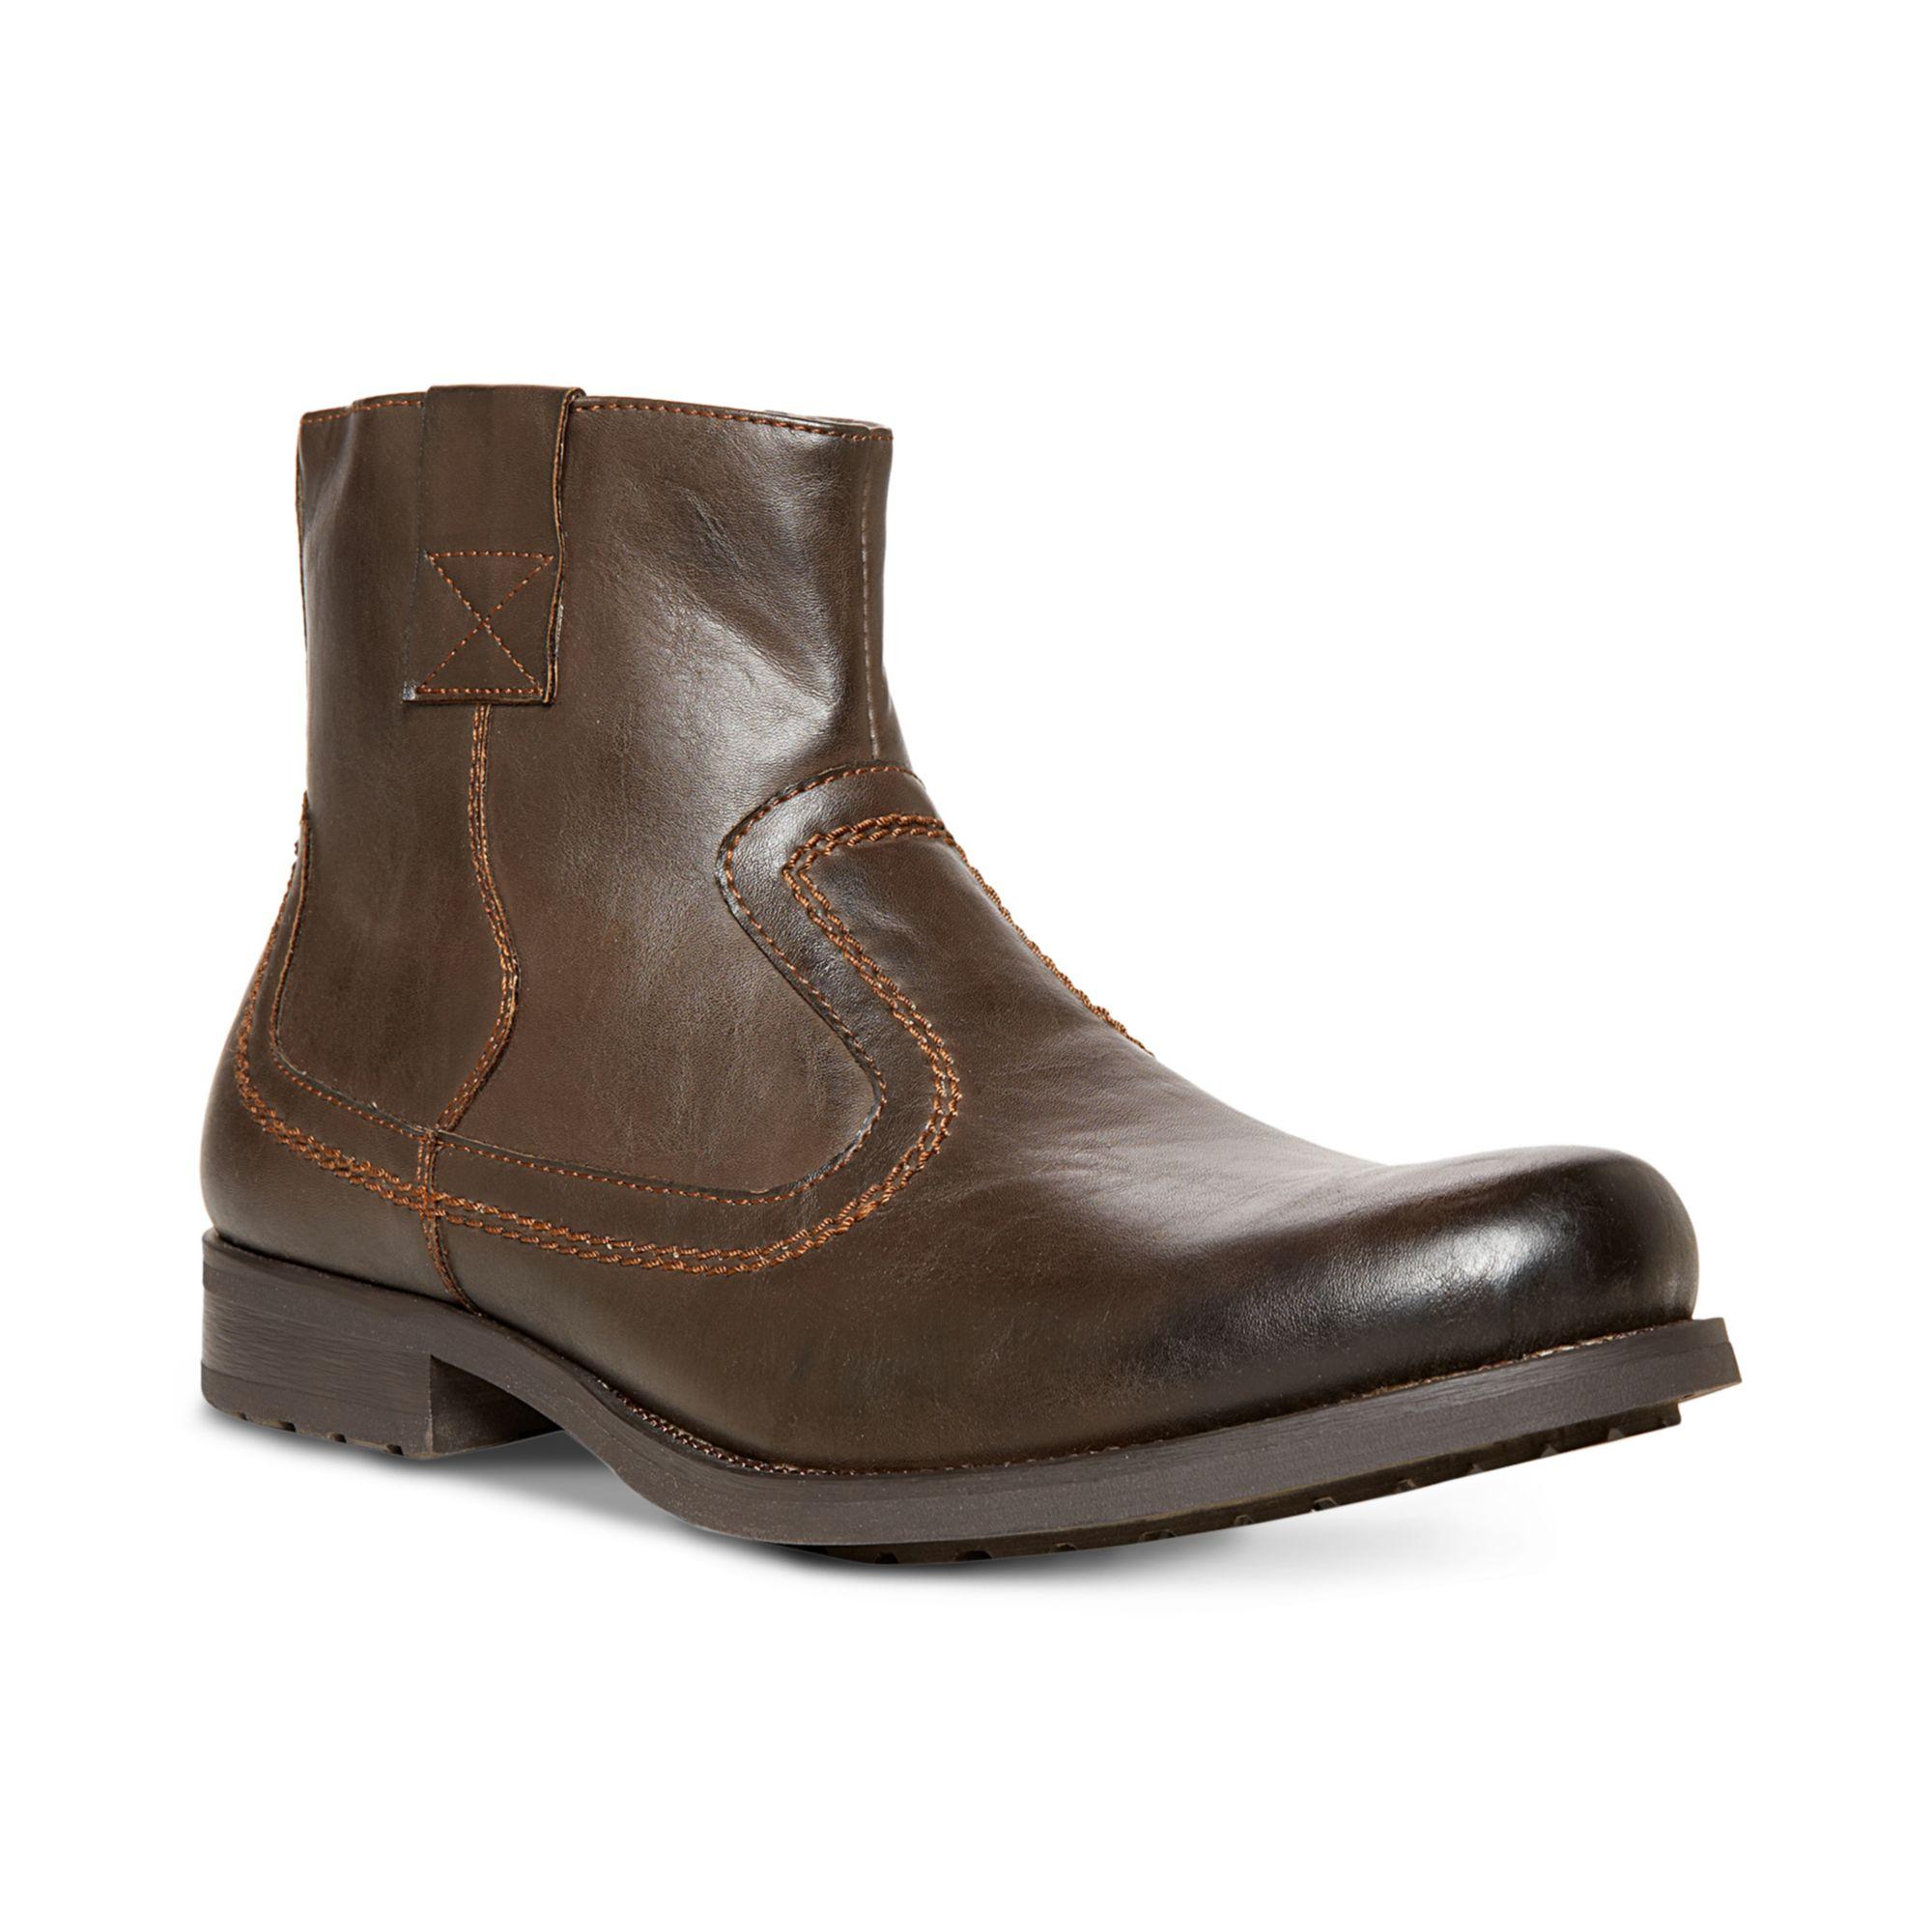 steve madden solarr boots in brown for men lyst. Black Bedroom Furniture Sets. Home Design Ideas